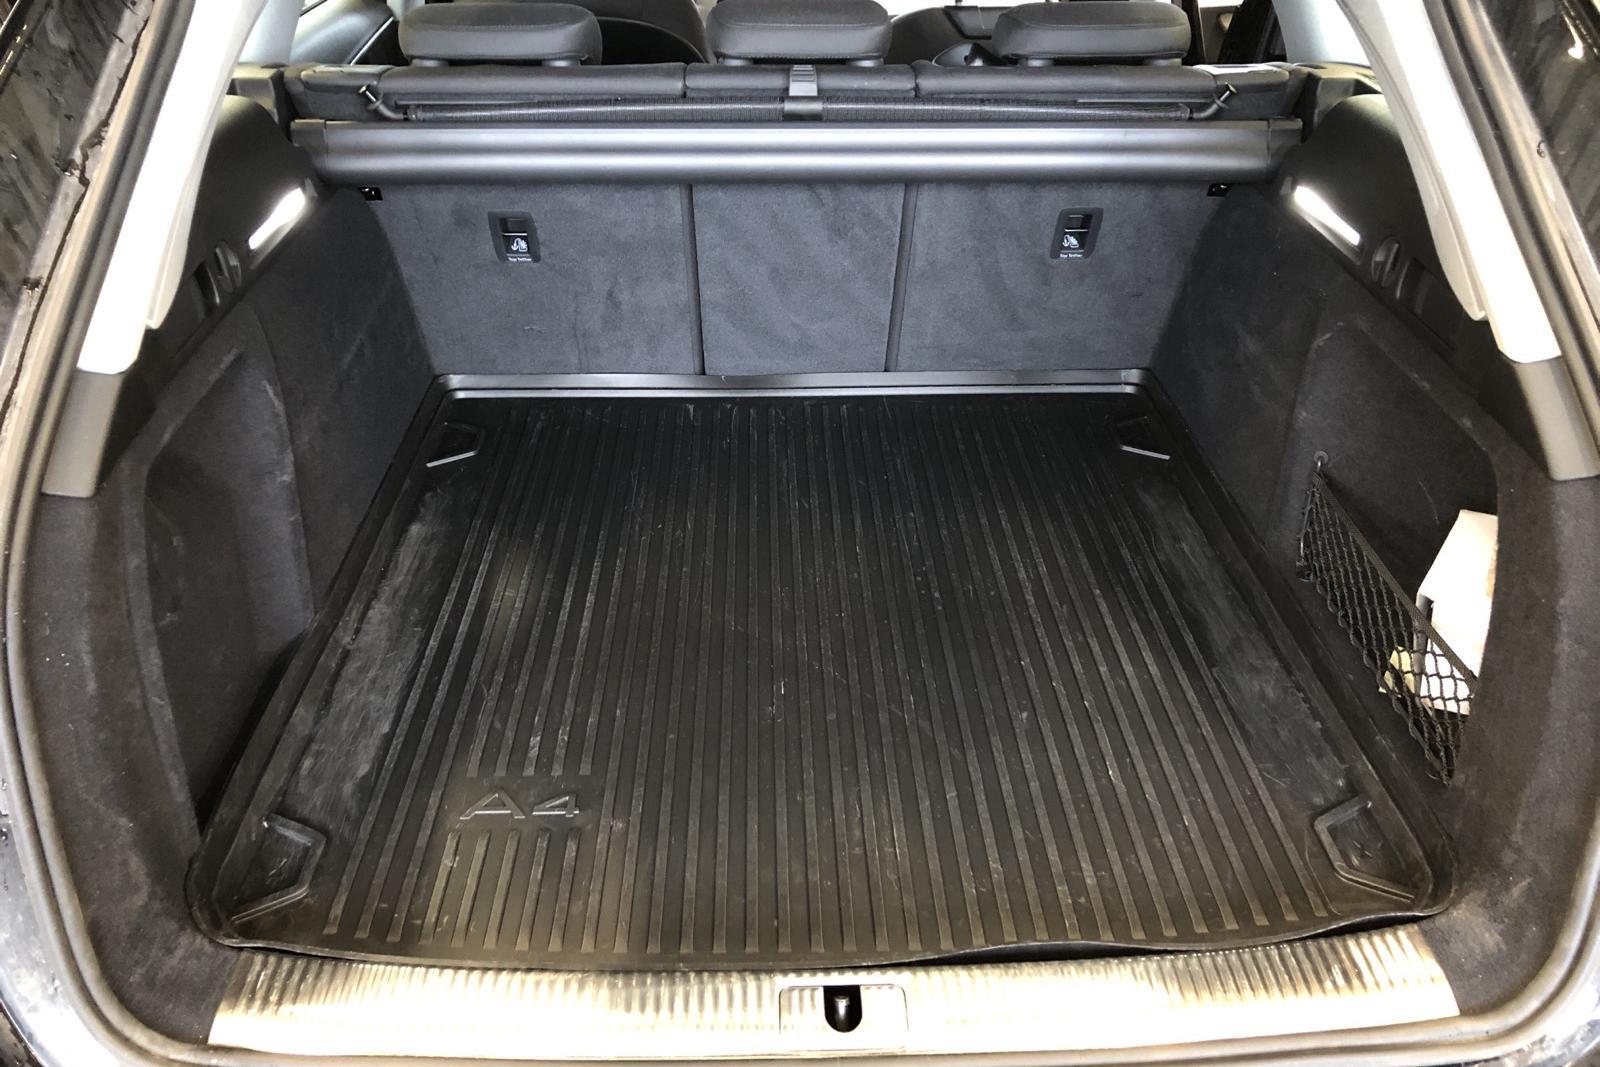 Audi A4 2.0 TDI Avant (150hk) - 1 387 mil - Manuell - svart - 2018